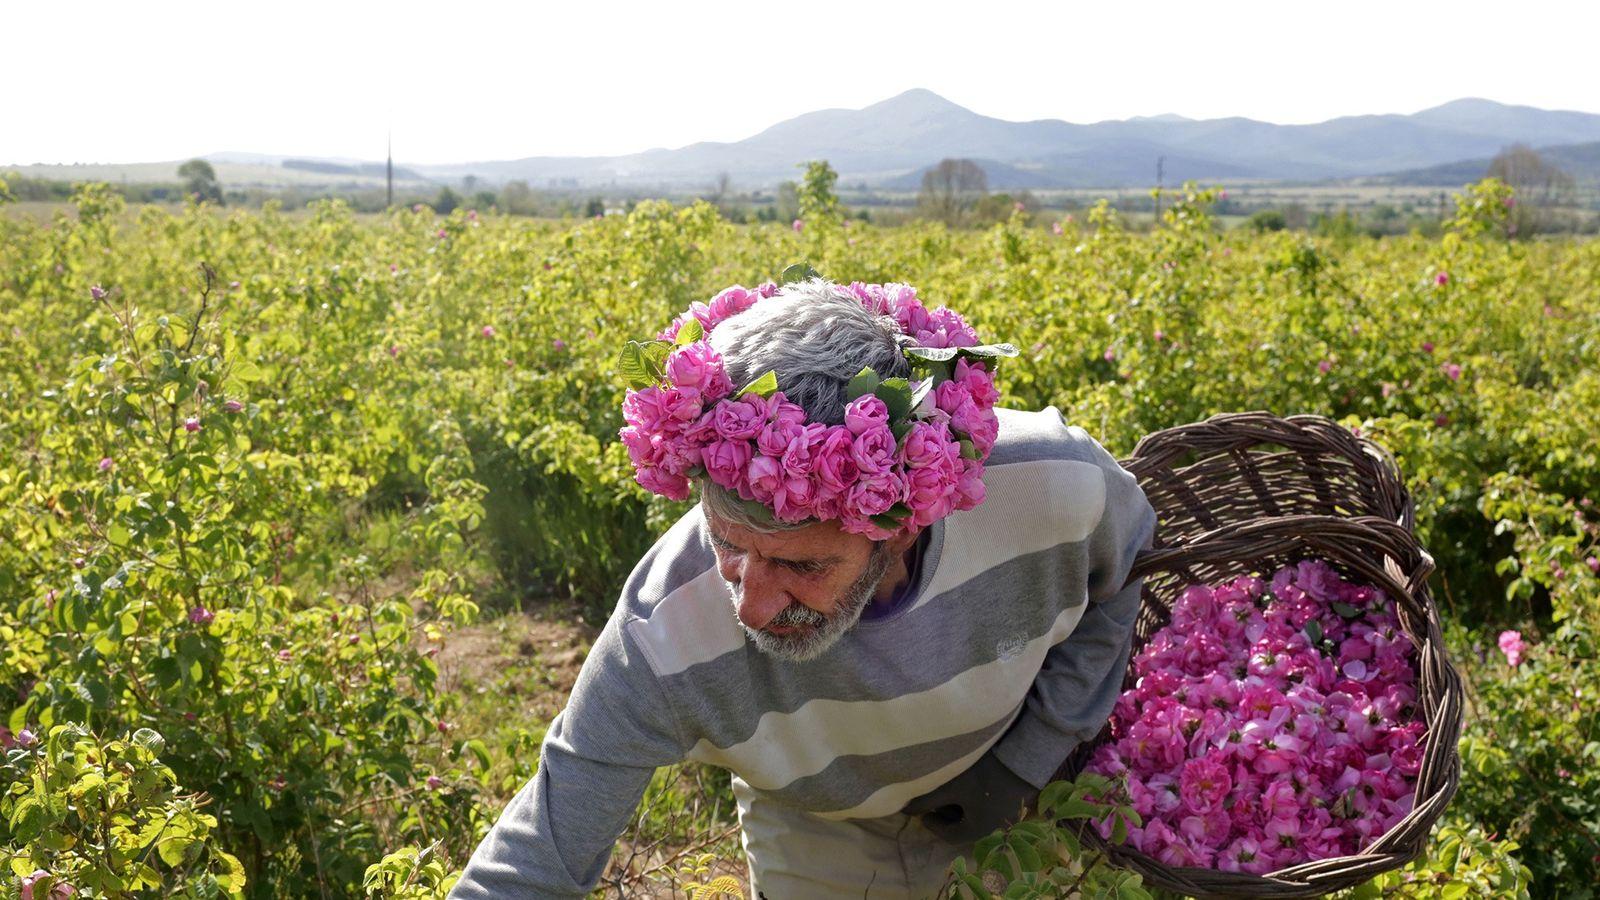 Yonko Yonkov erntet Rosenblüten in seinen Gärten in Osetenovo. Die Ernte beginnt für gewöhnlich bei Sonnenaufgang.